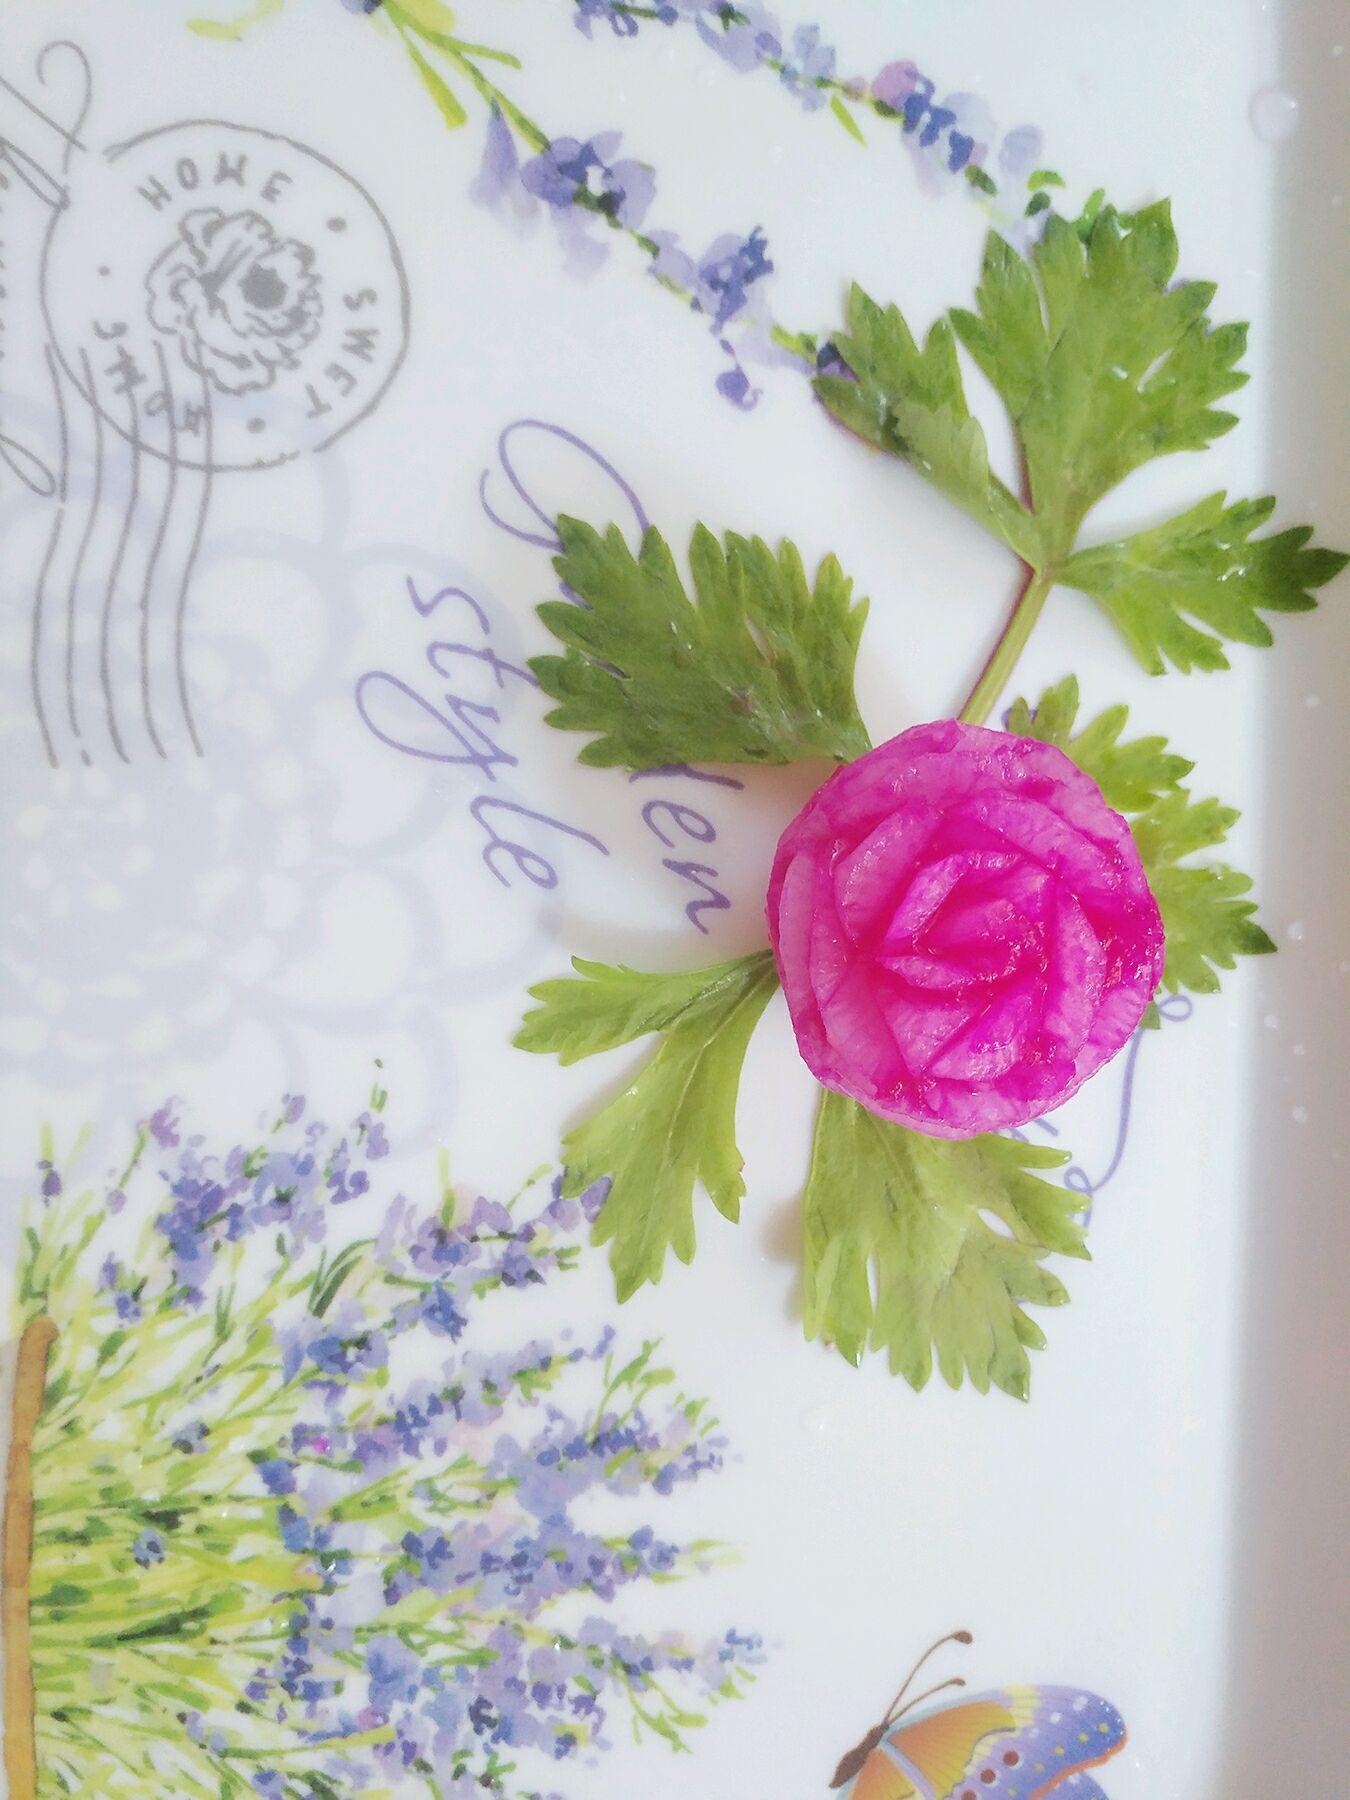 菜盘装饰之萝卜雕花